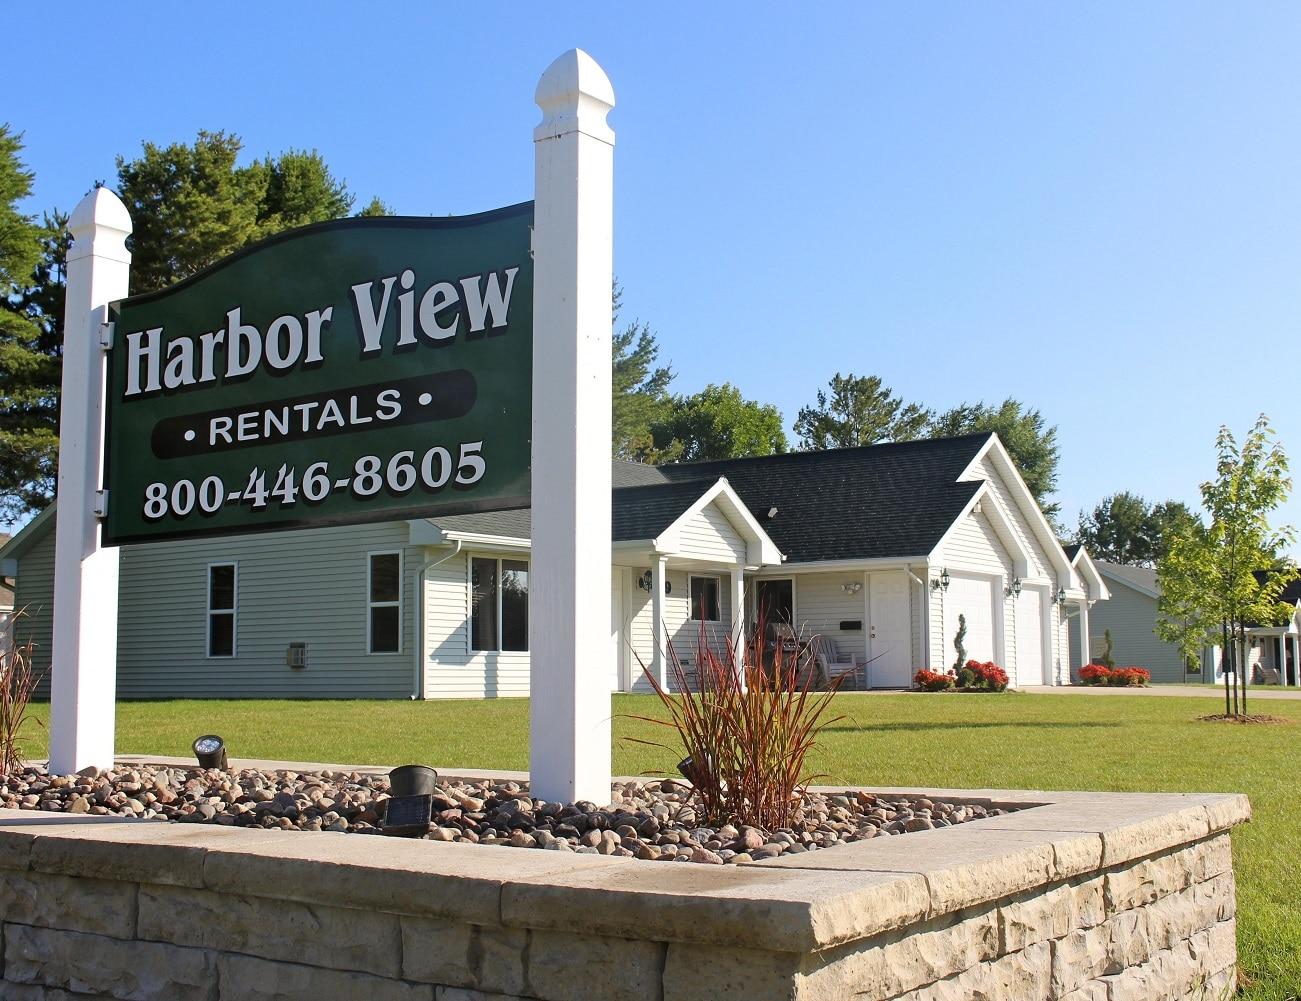 harbor view condo rental